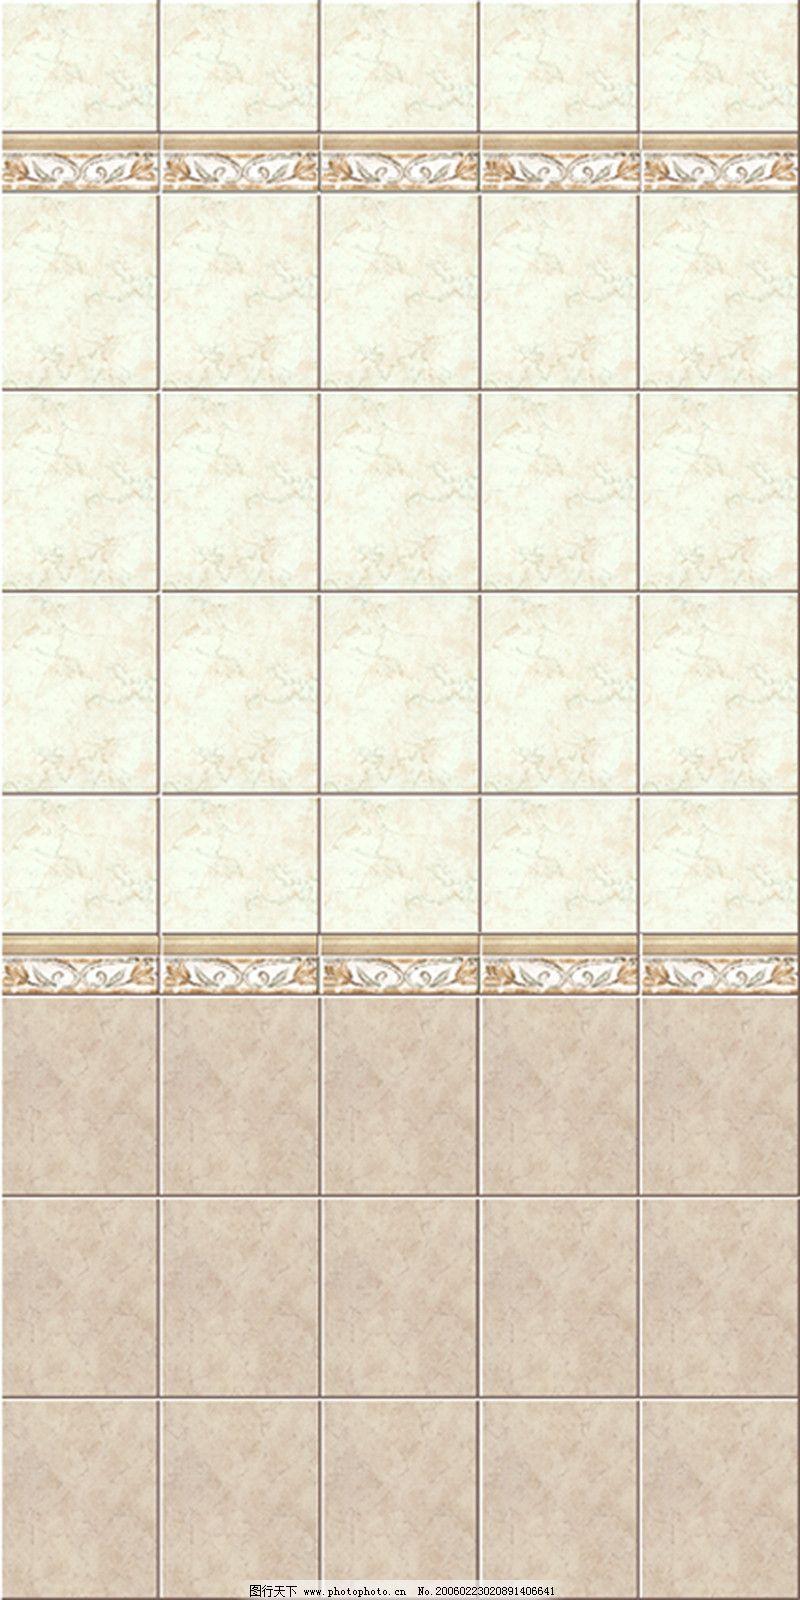 欧洲古典风格 意大利风格瓷砖图片